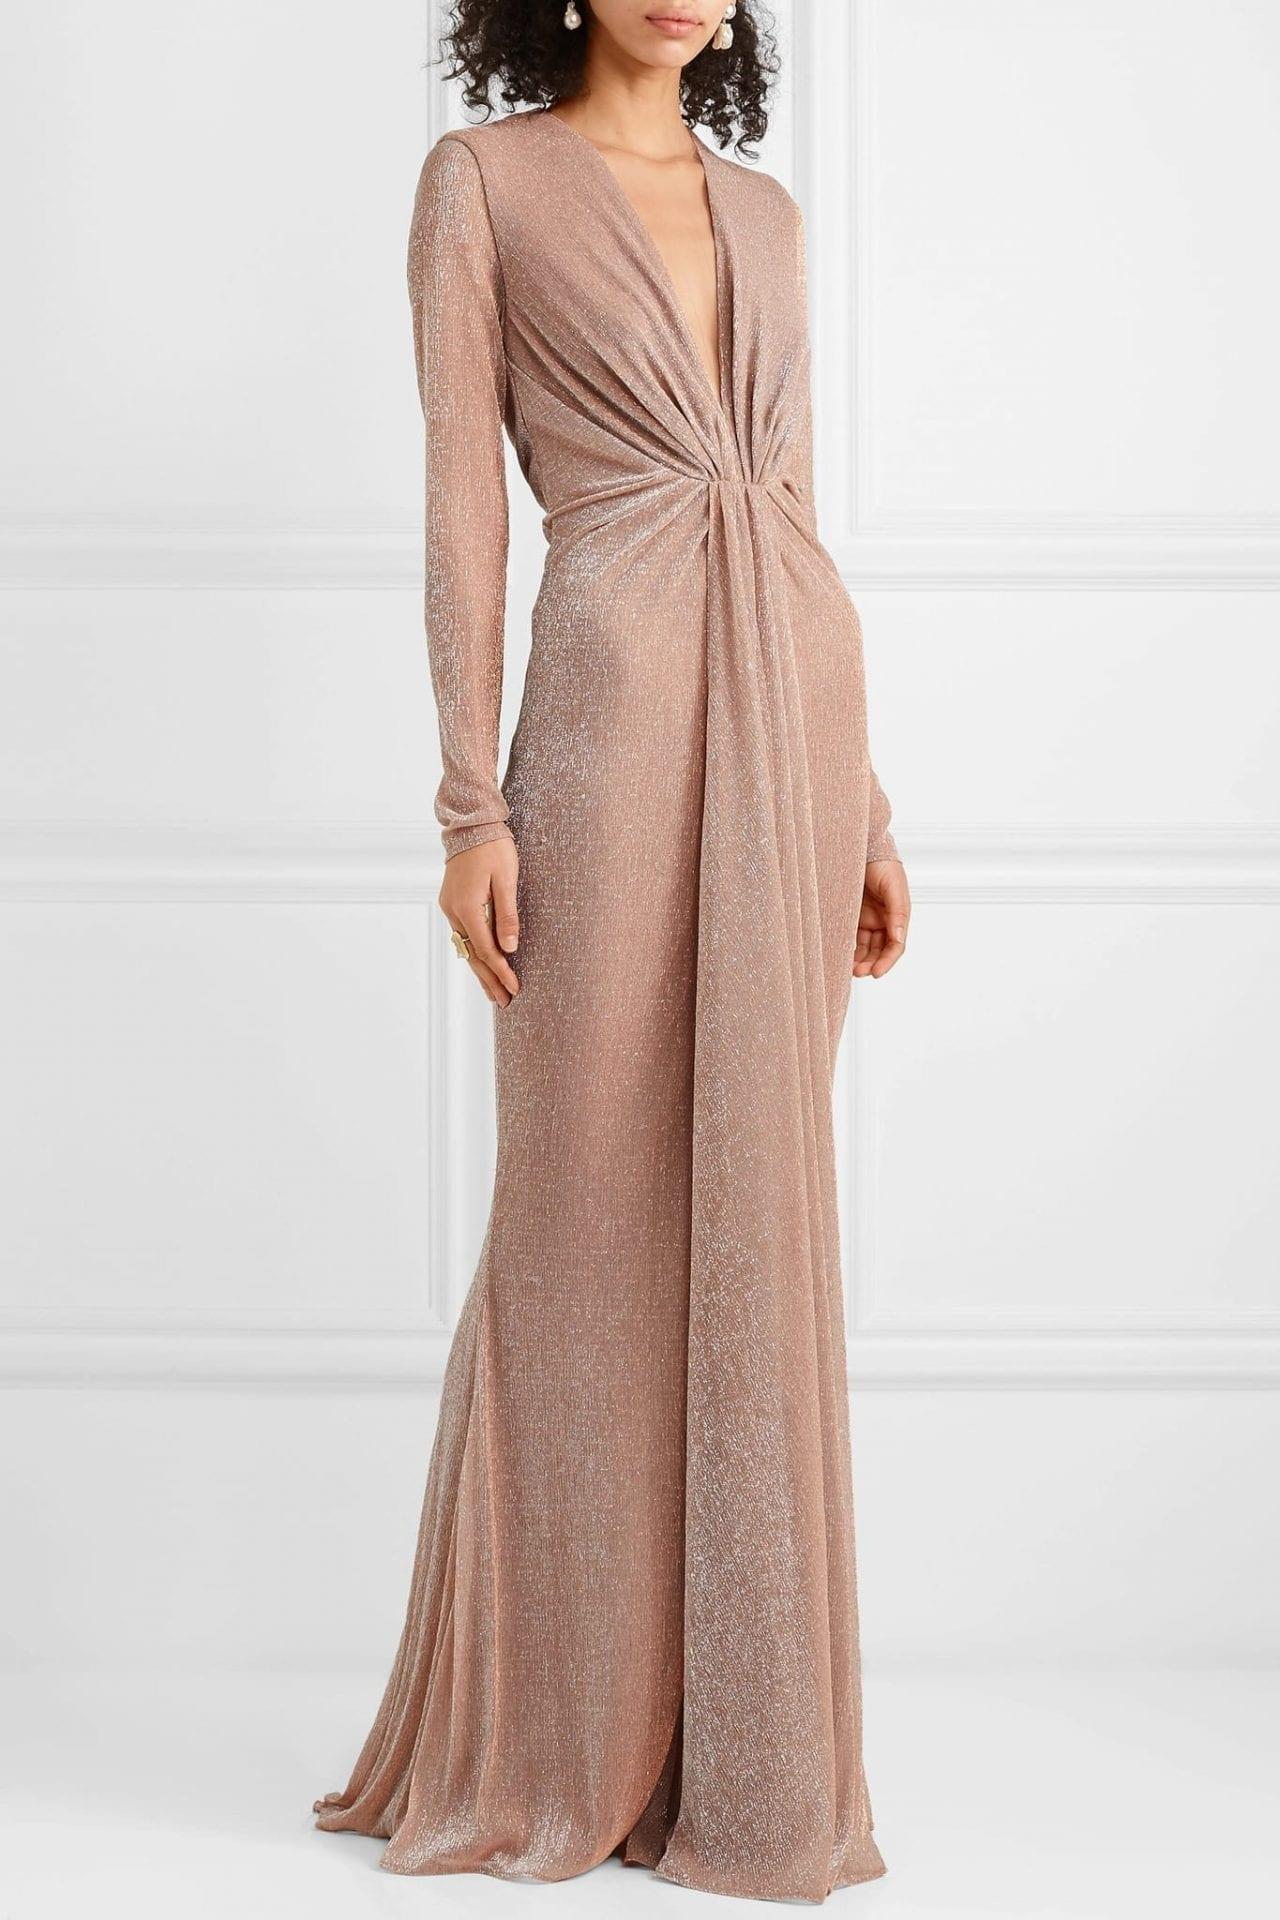 TALBOT RUNHOF Ruched Lurex Beige Gown